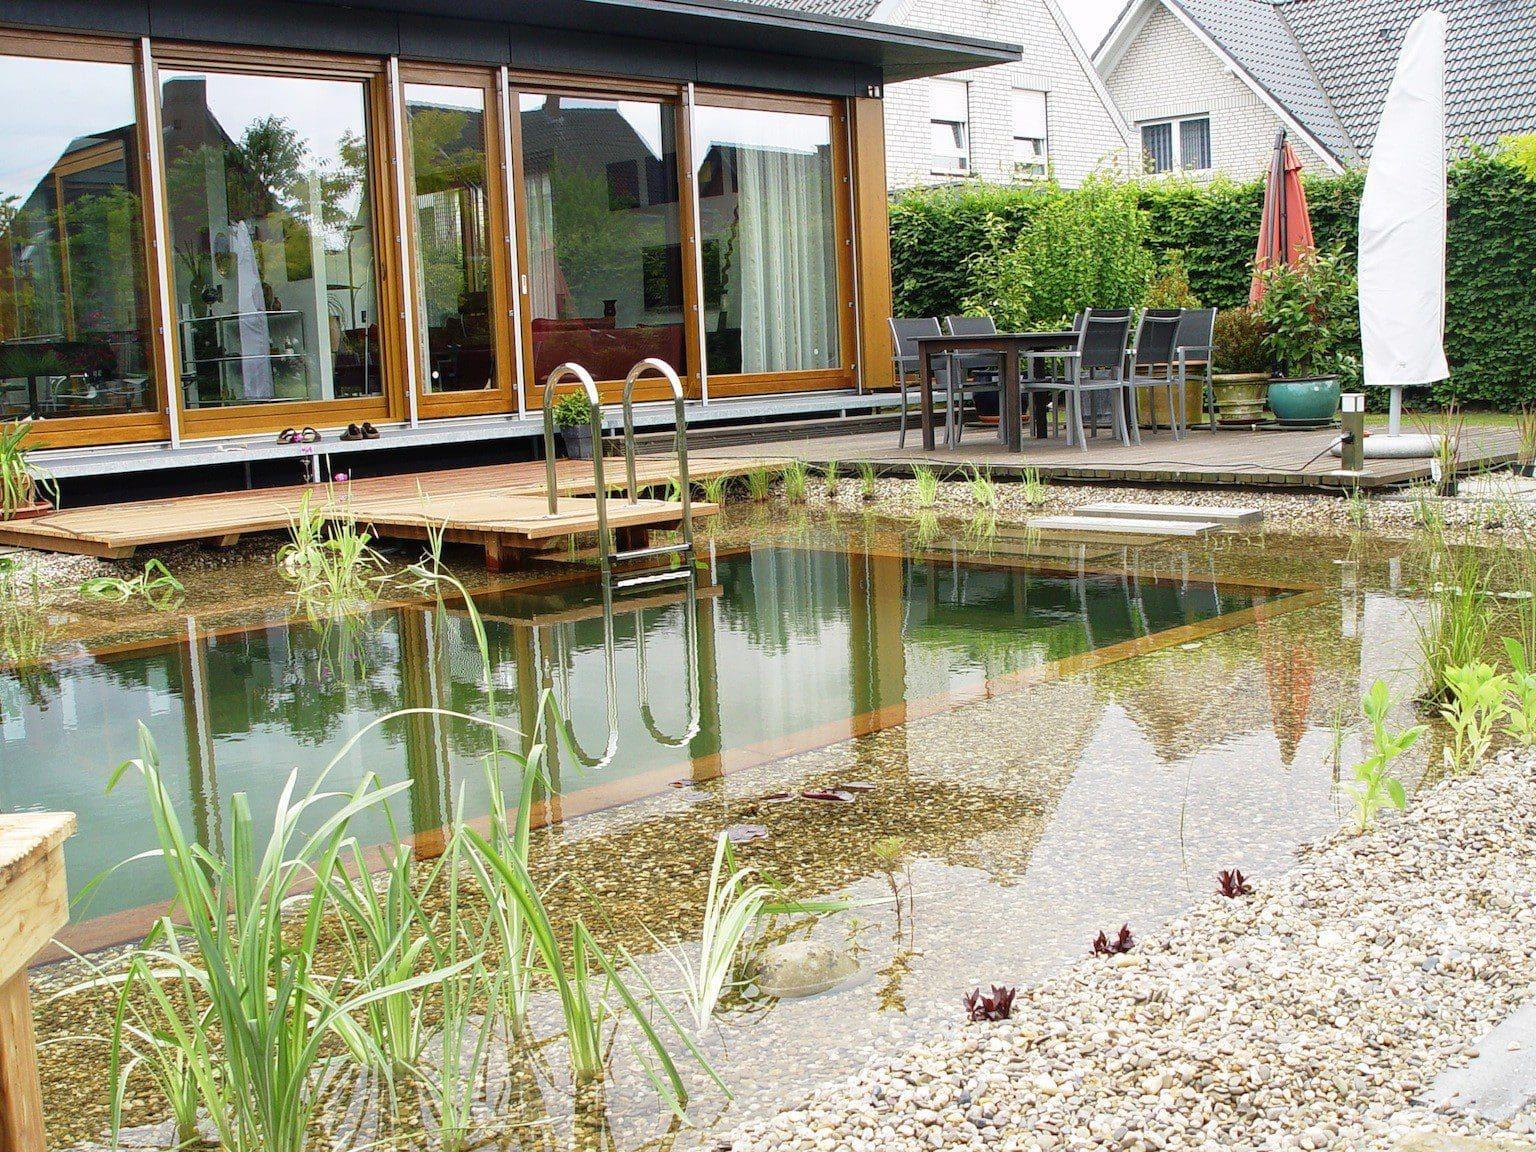 schwimmteiche sind natur pur westfalen erleben. Black Bedroom Furniture Sets. Home Design Ideas